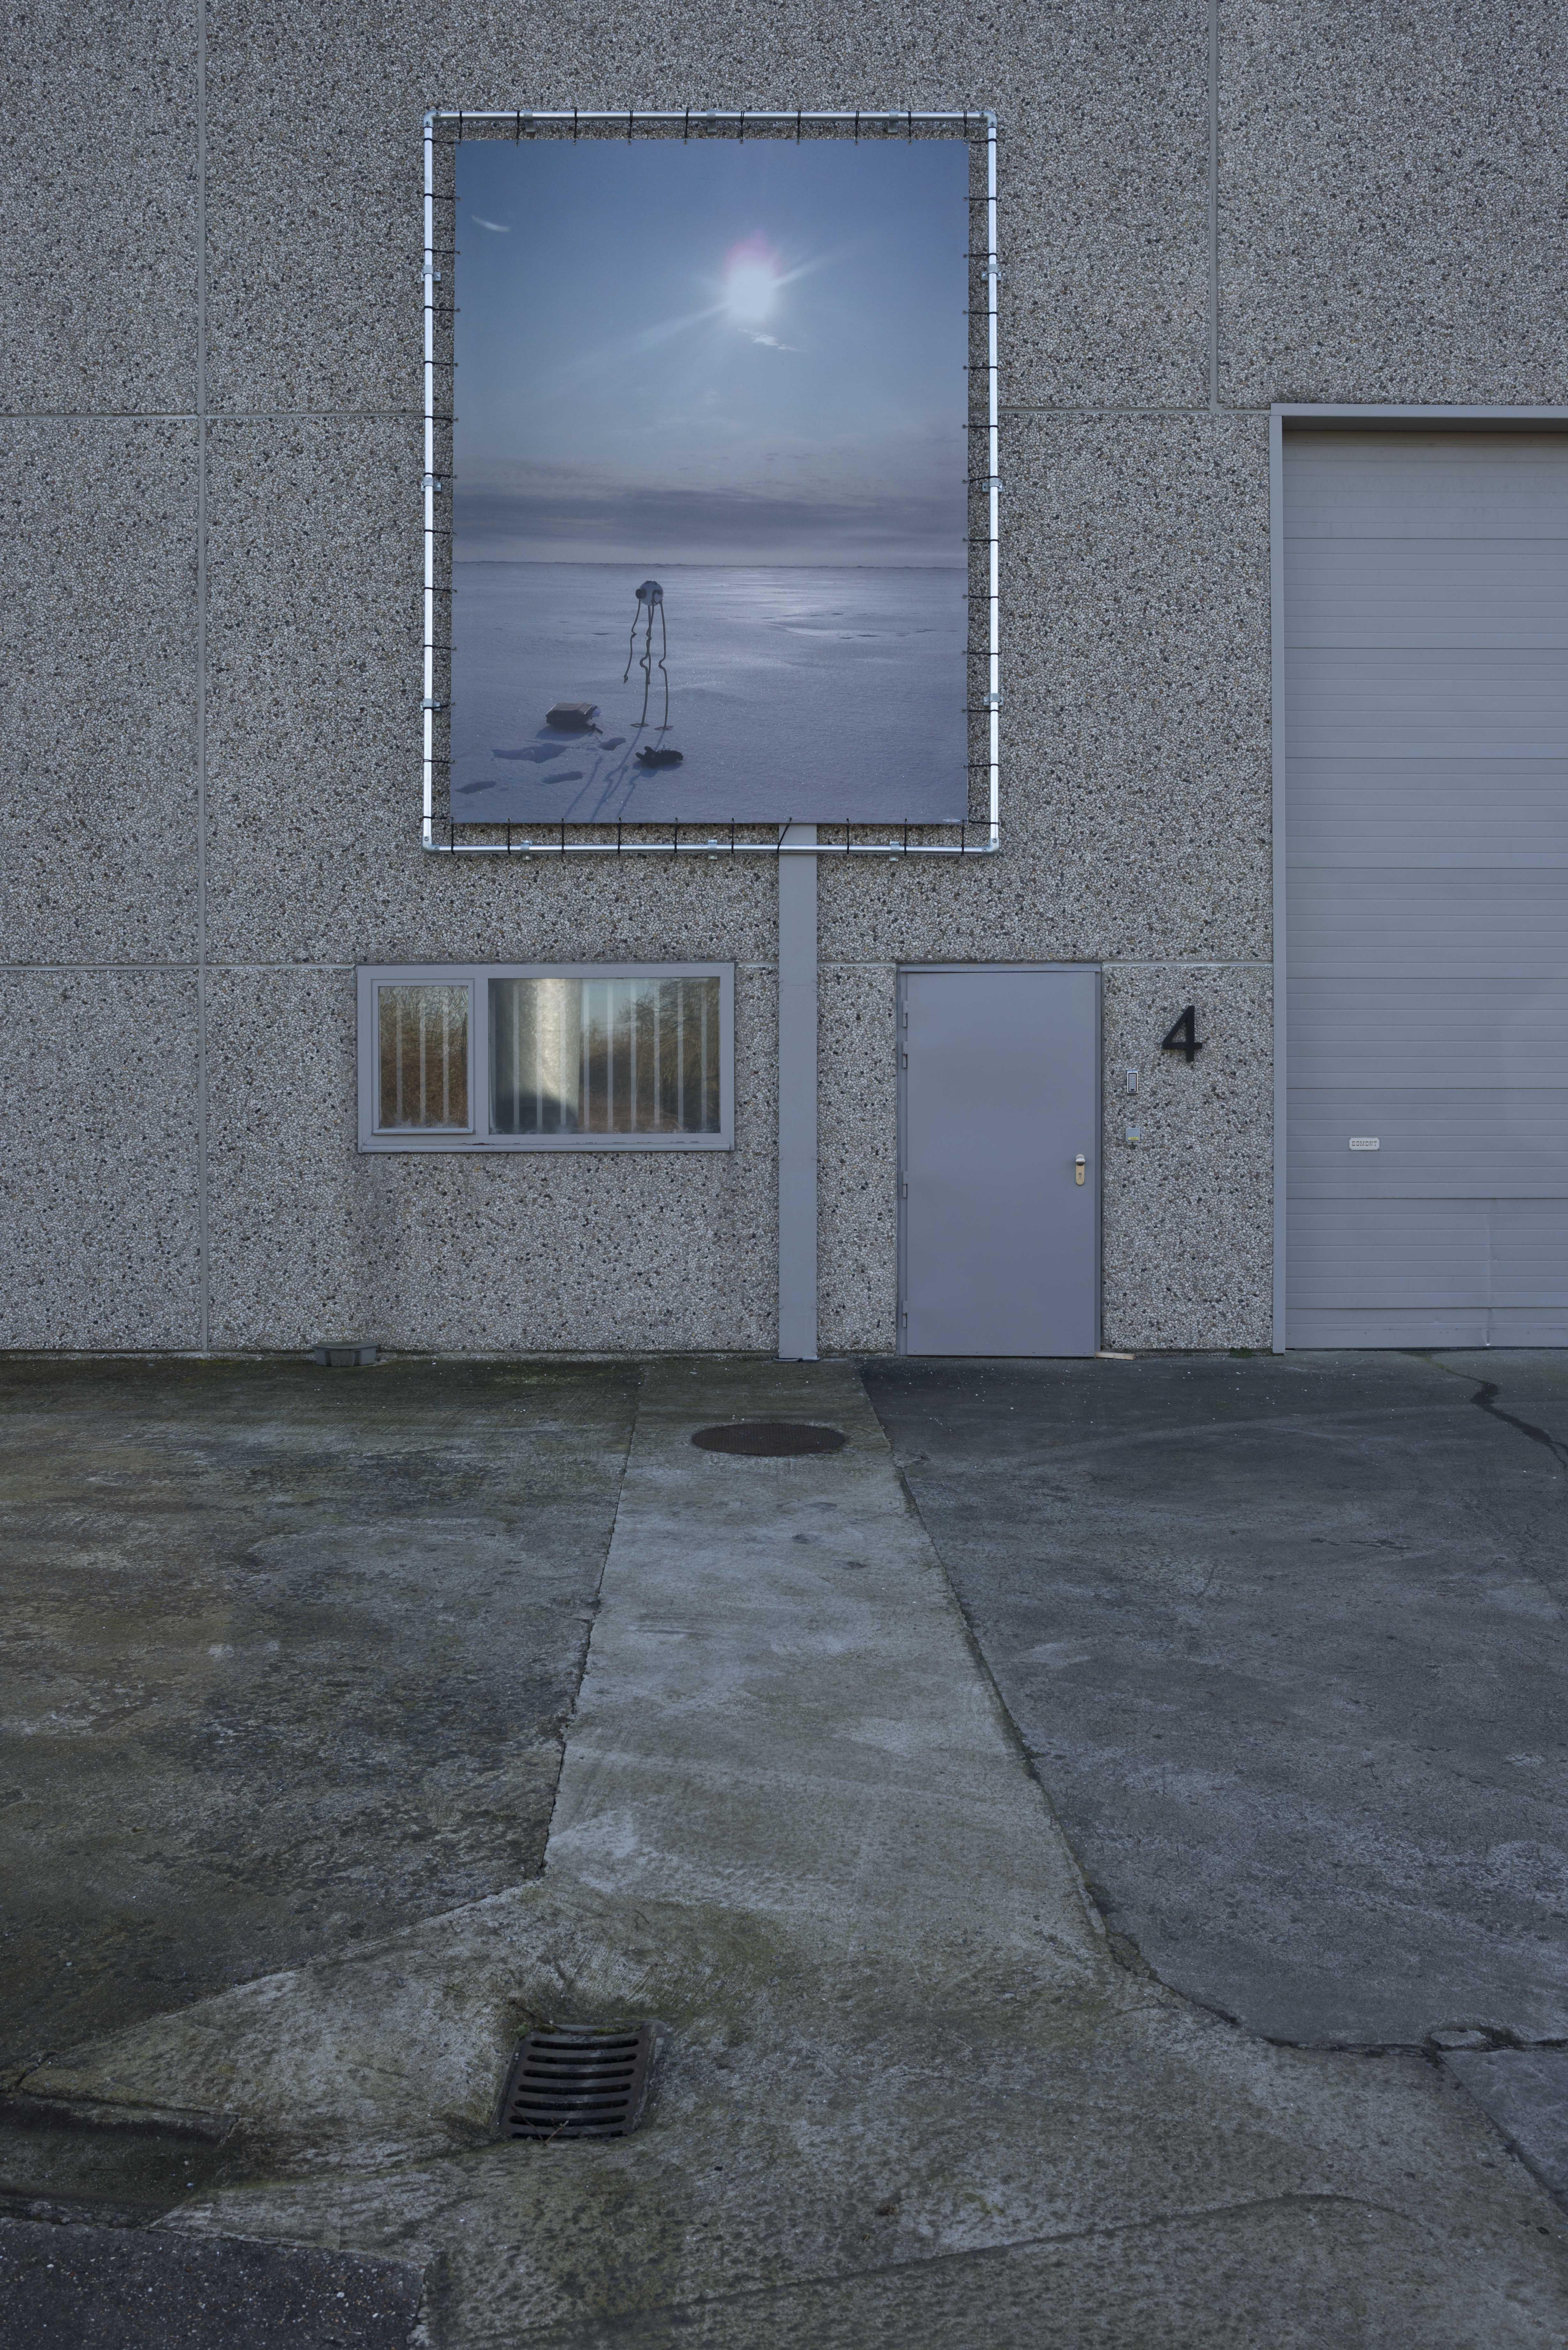 Panamarenko, Noordpool-Arlikoop, 2004, inkjet print on canvas , 370 h x 277 cm, ed. 3